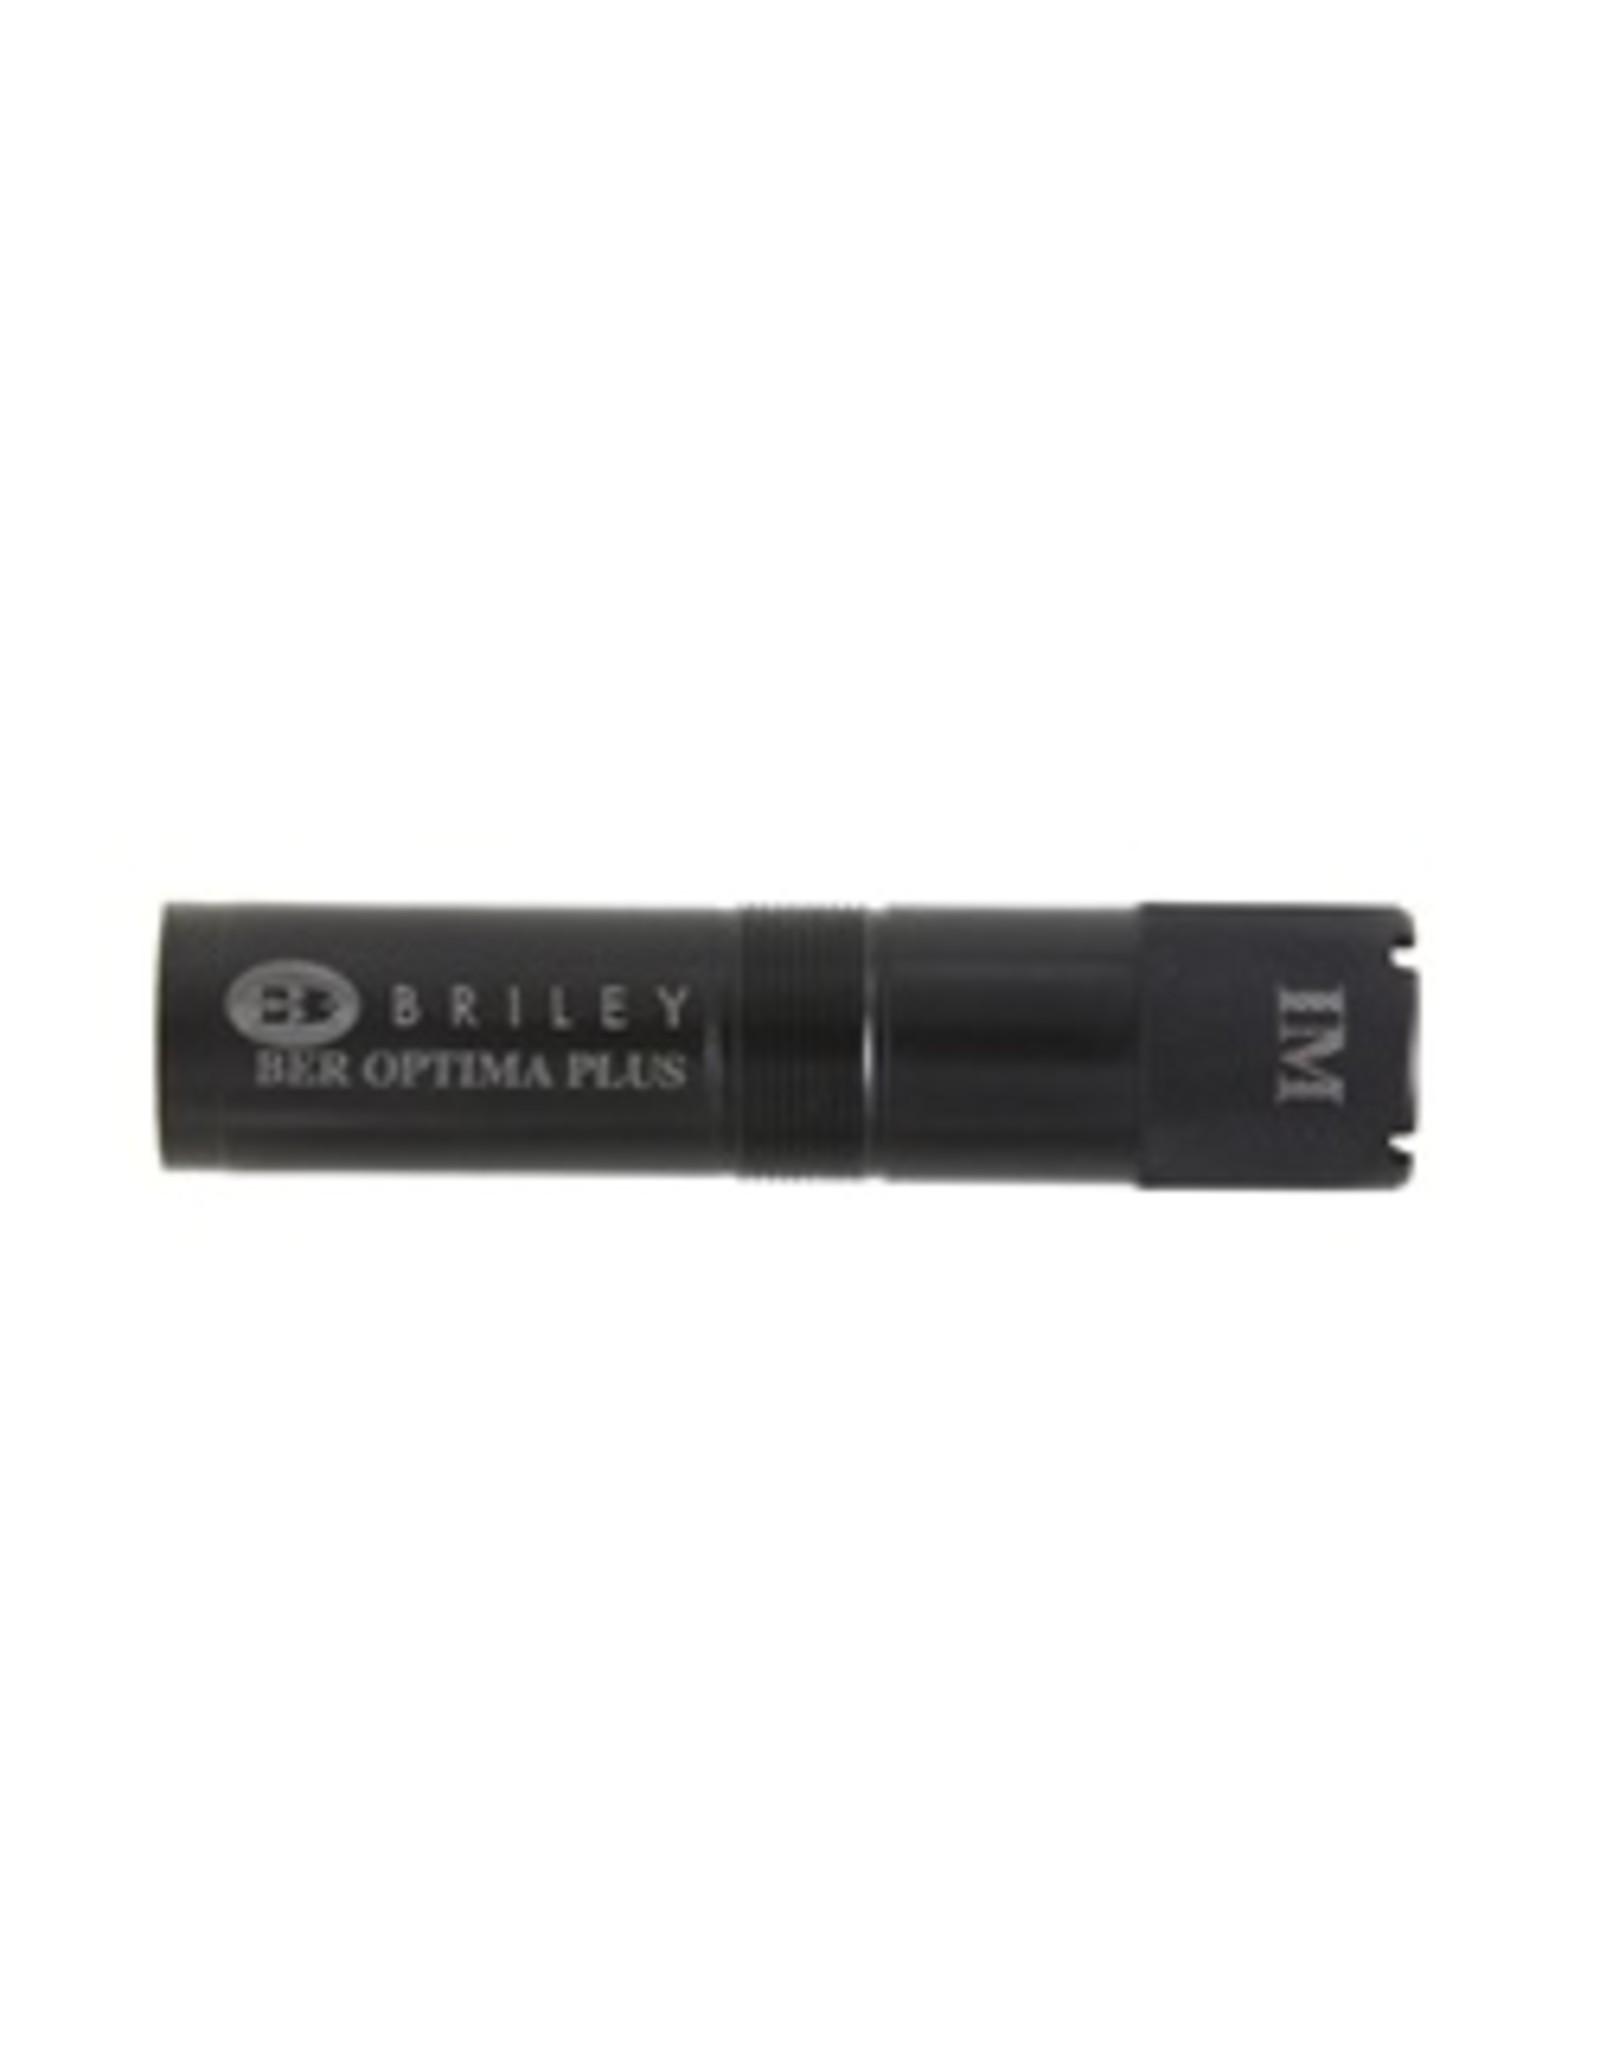 Briley 12 ga Ext Blk Beretta Optima Plus - Modified